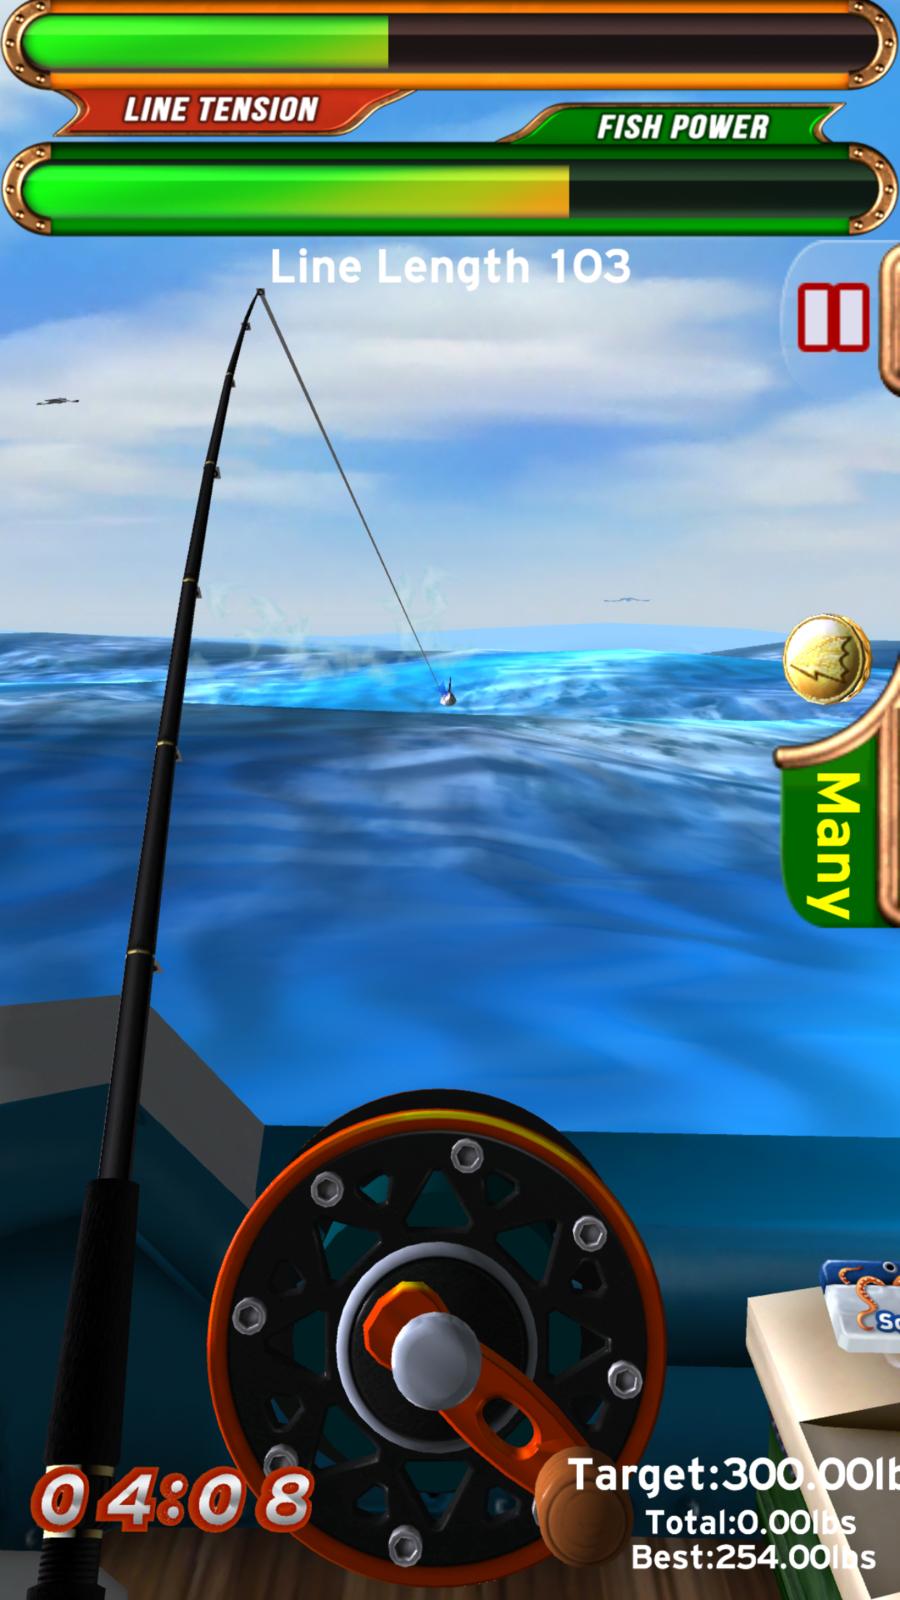 читы для рыбалка для друзей